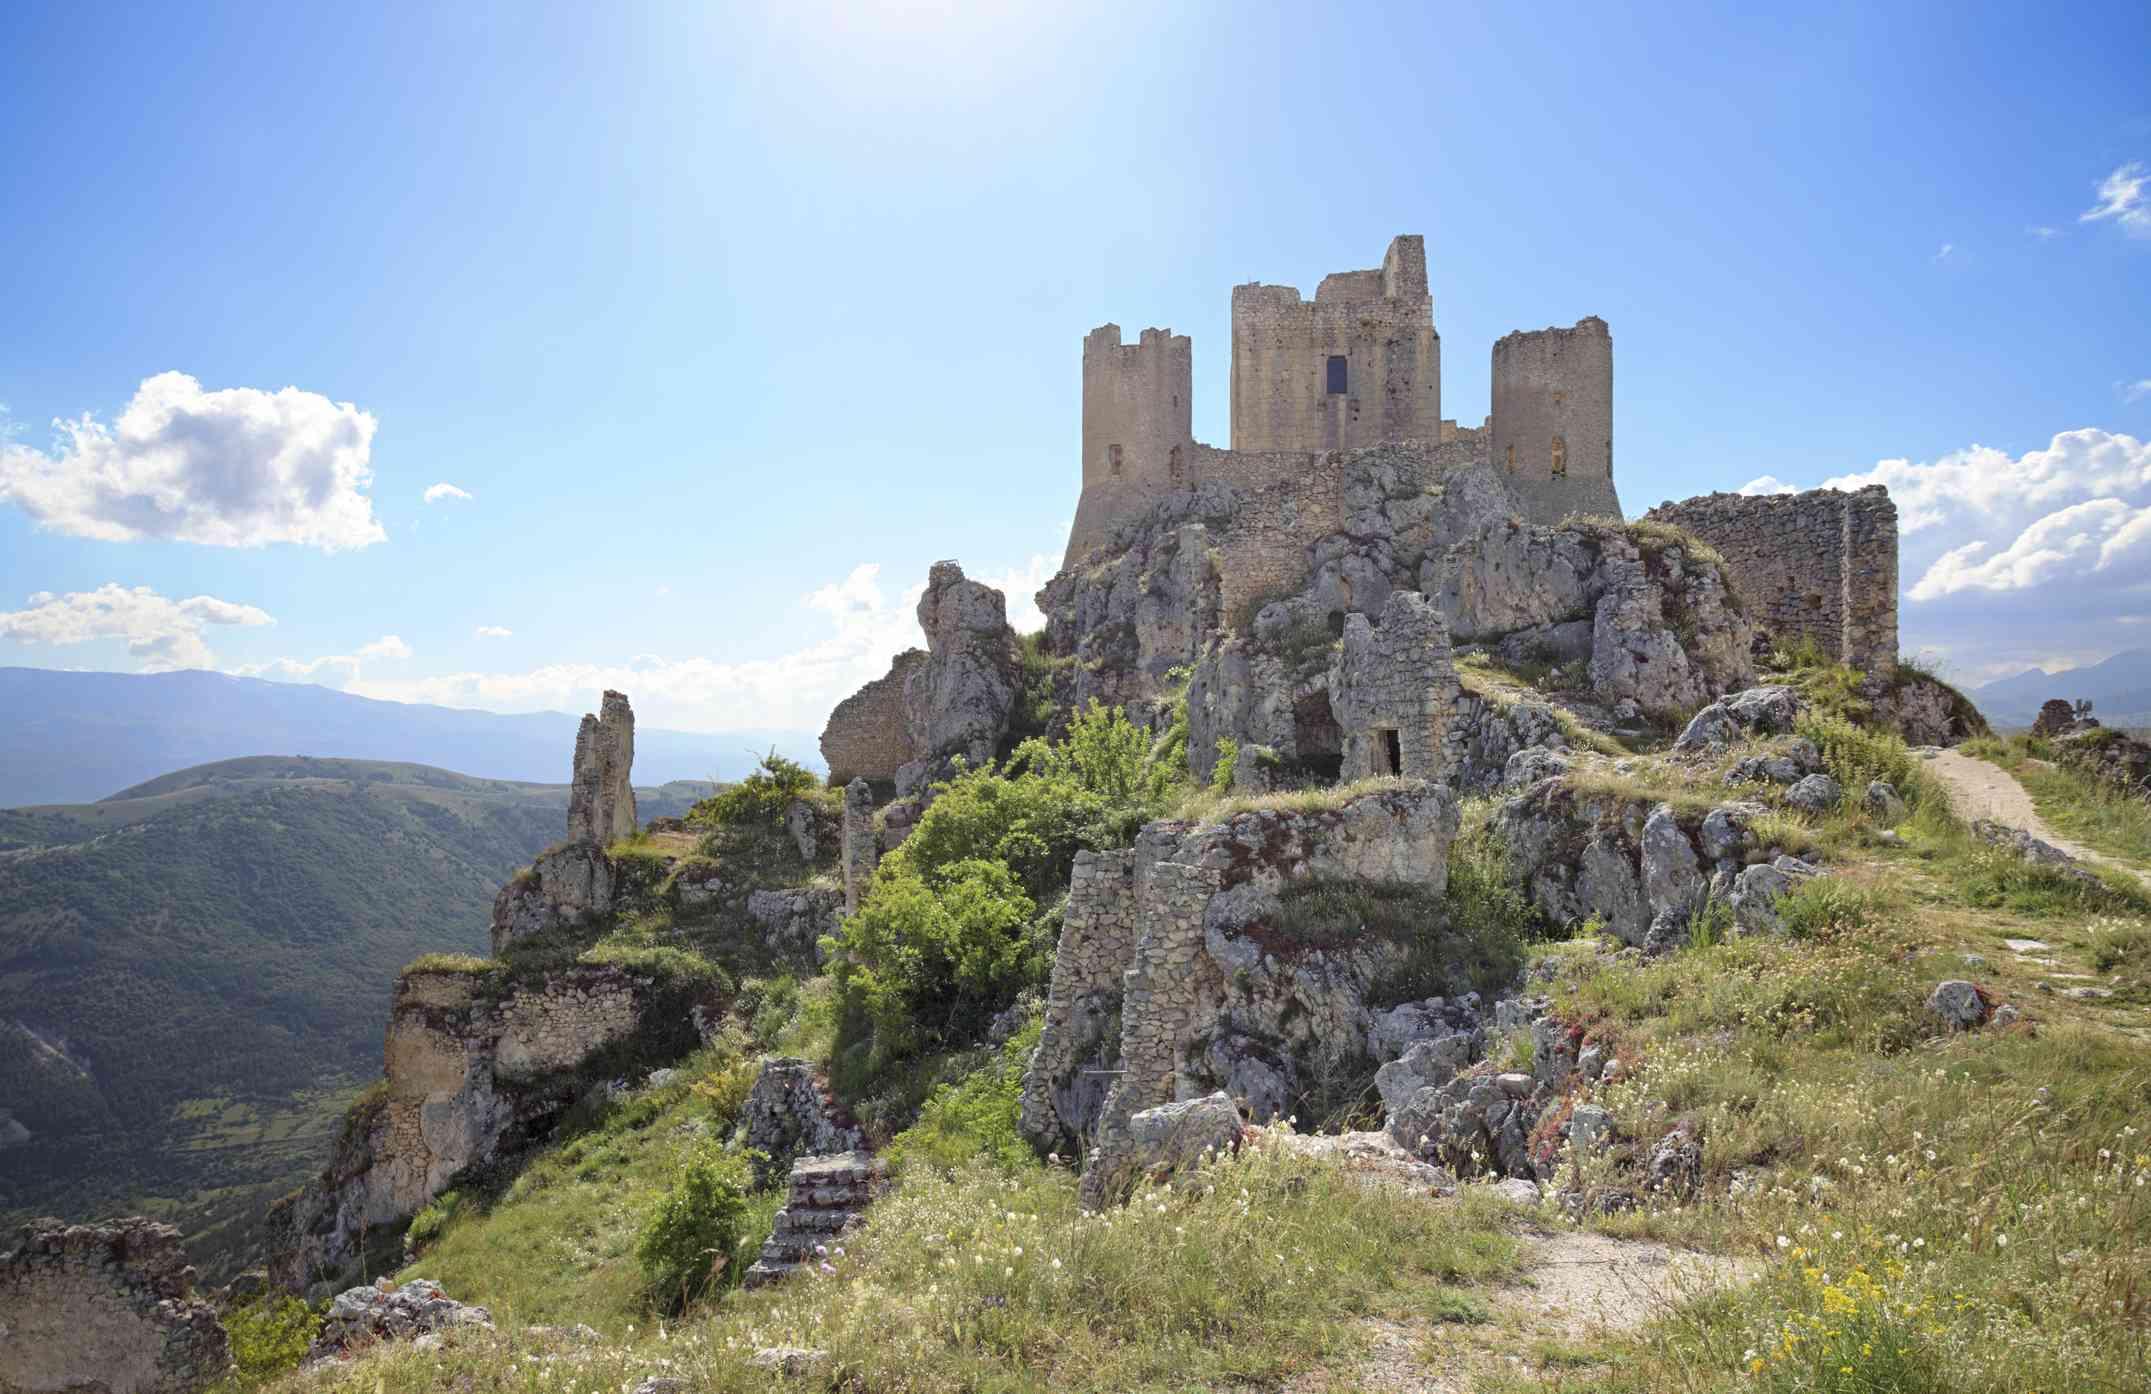 Rocca Calascio in Abruzzo, Italy